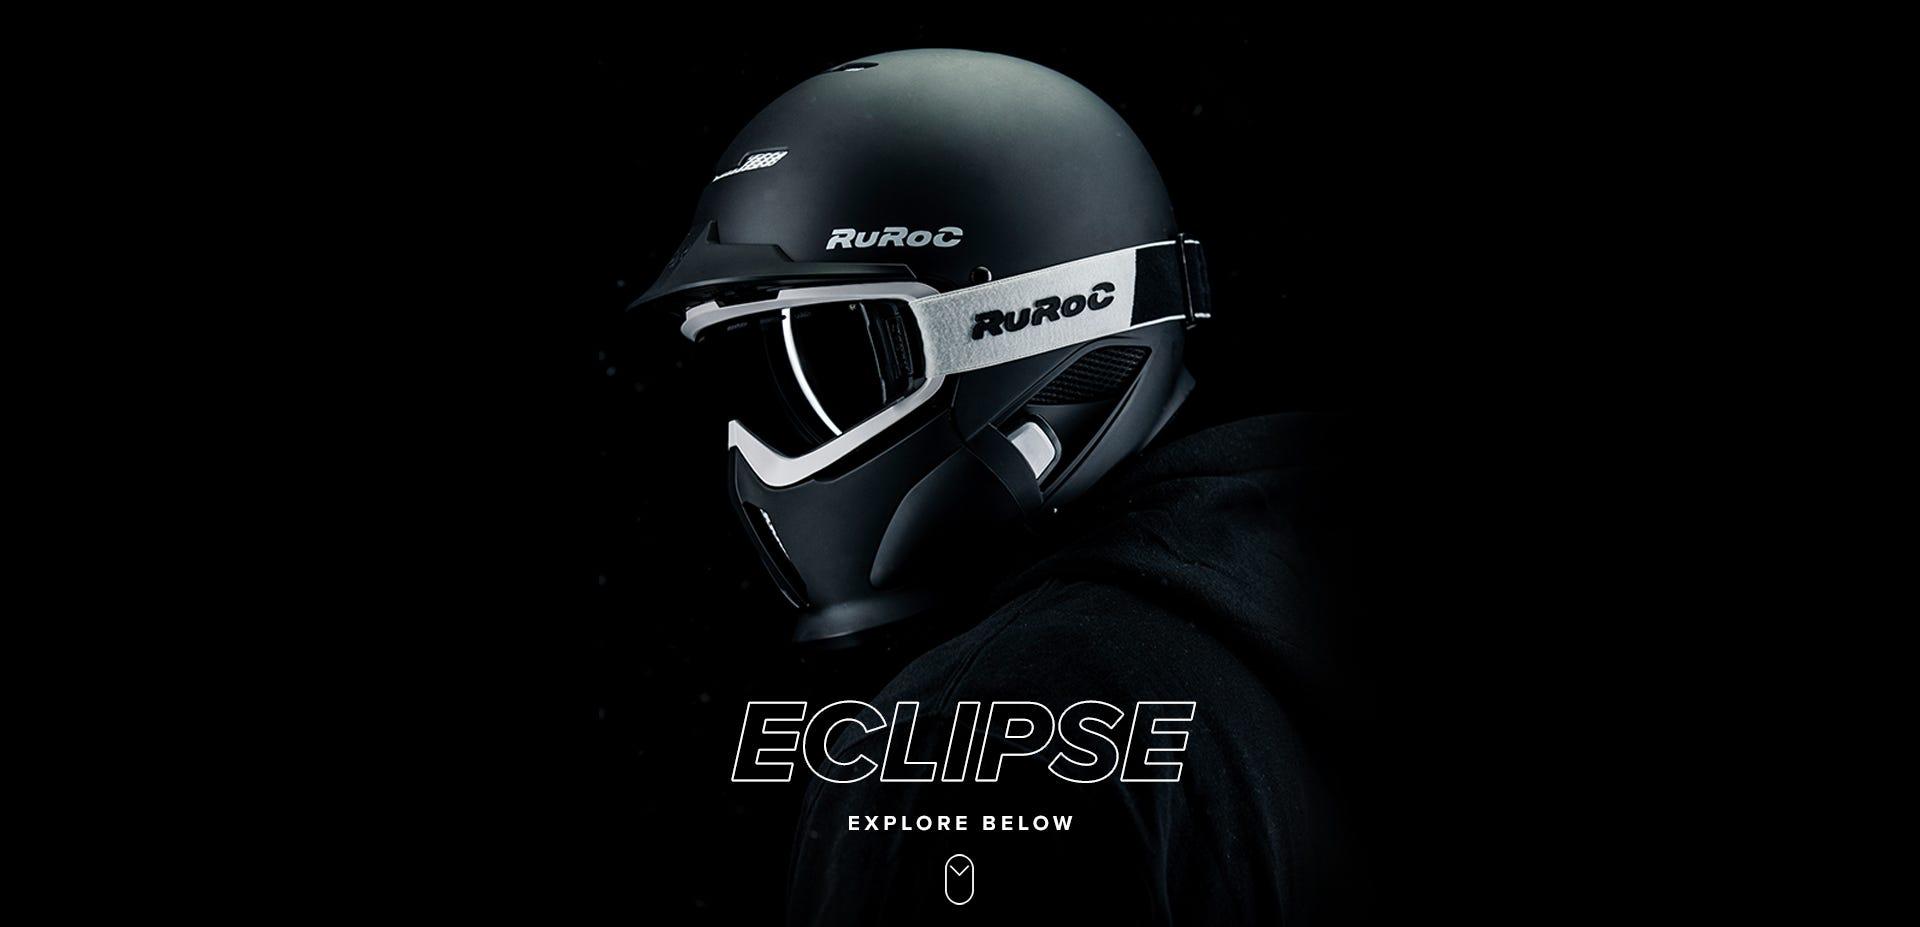 rg1-dx---eclipse---top-banner_1_1.jpg